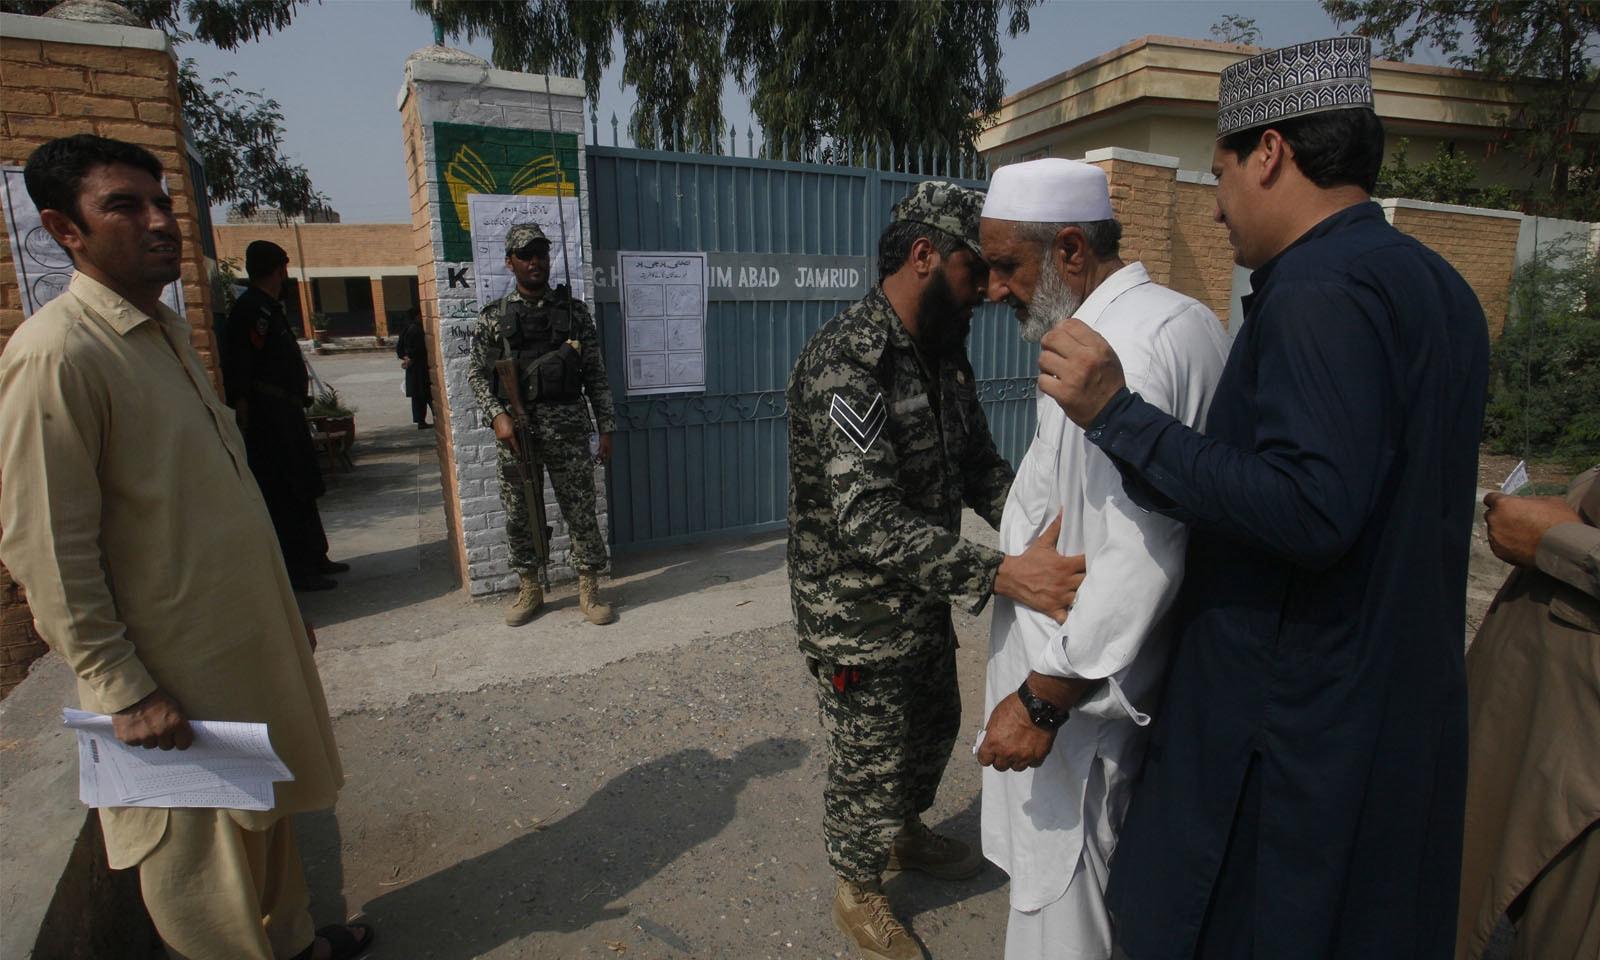 انتخابات کے دوران سیکیورٹی کے بھی انتہائی سخت انتظامات کیے گئے—فوٹو: اے پی